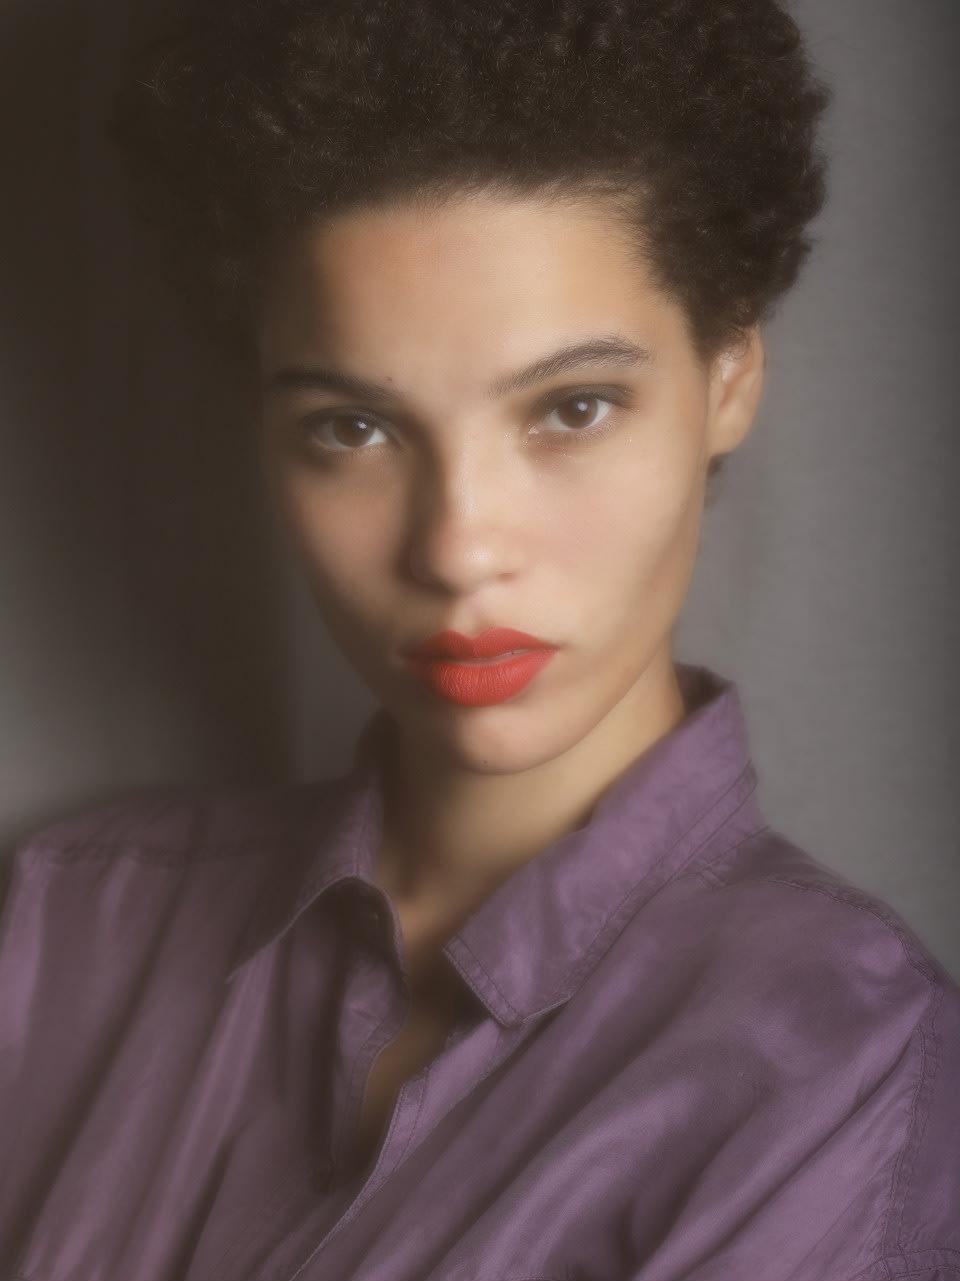 Dani Souza